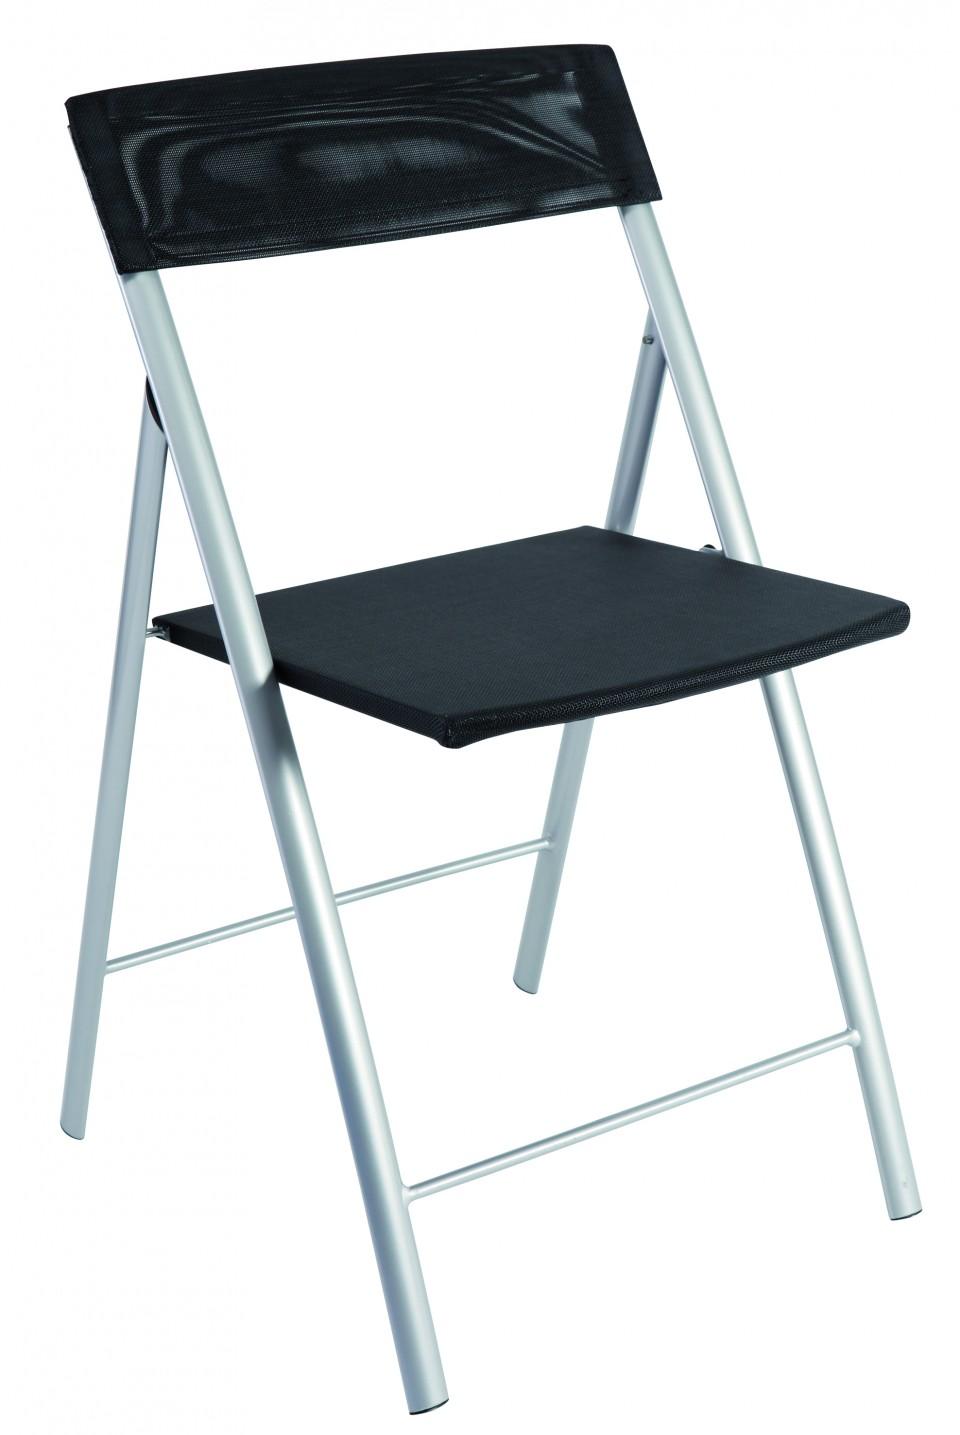 Chaise pliante cosmic achat chaises pliantes 74 00 for Chaise pliante confortable